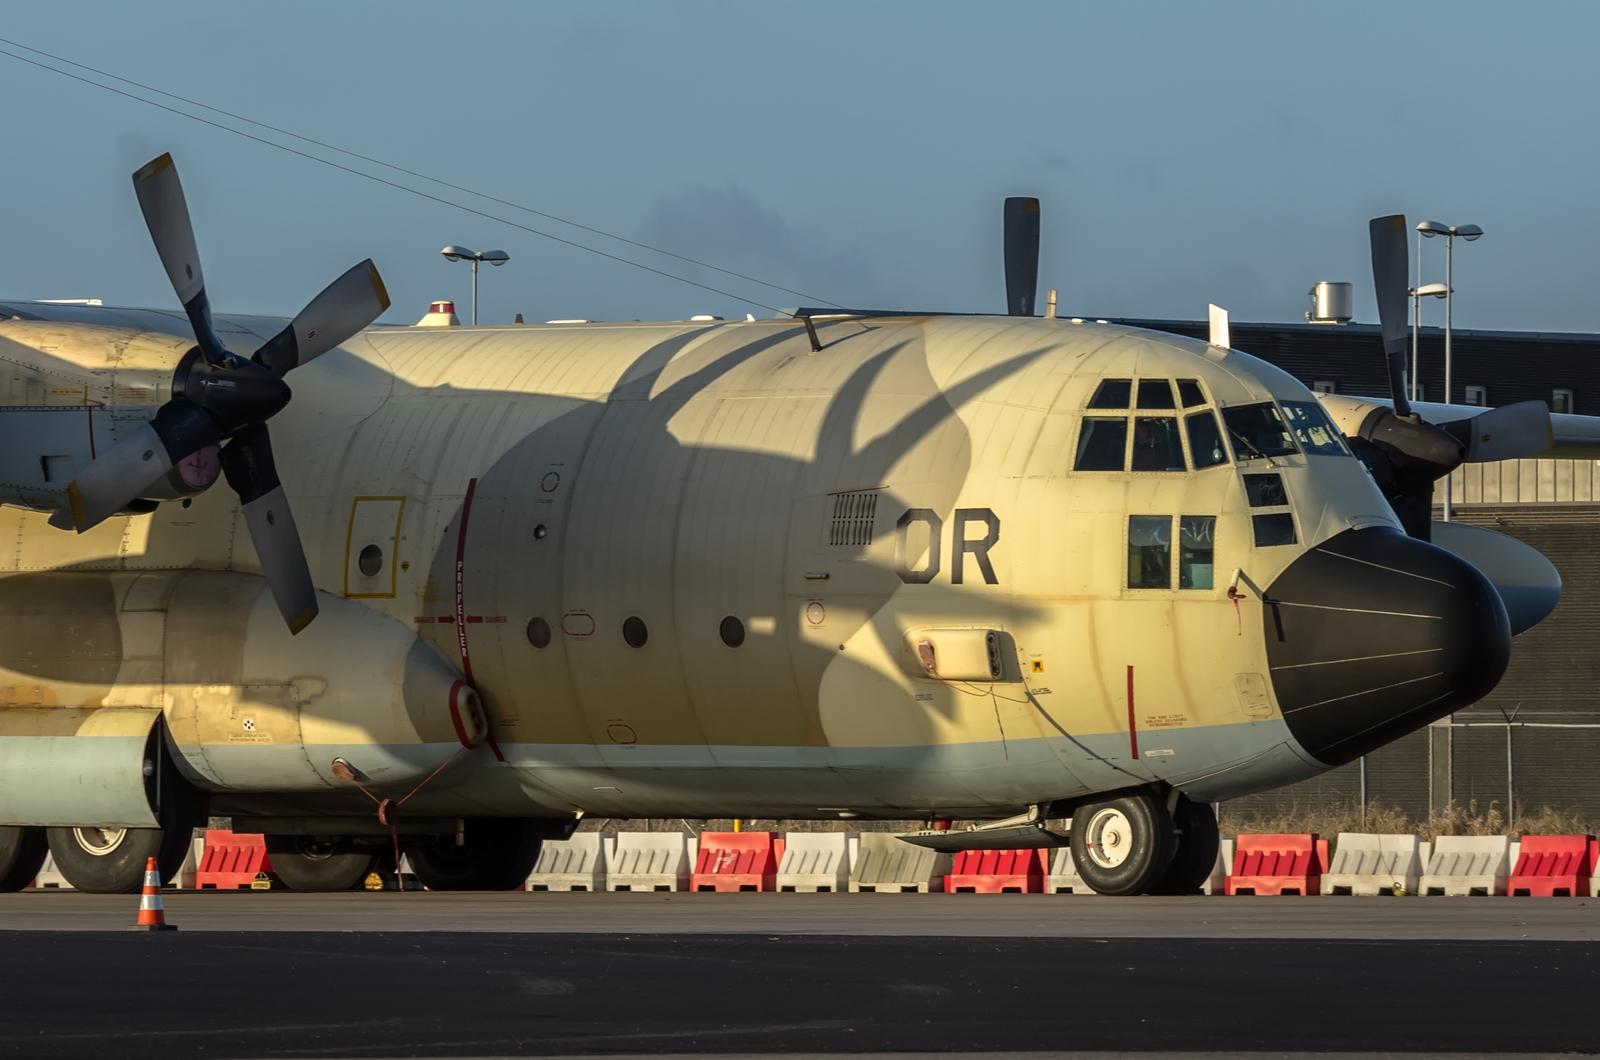 FRA: Photos d'avions de transport - Page 27 16032603230670369